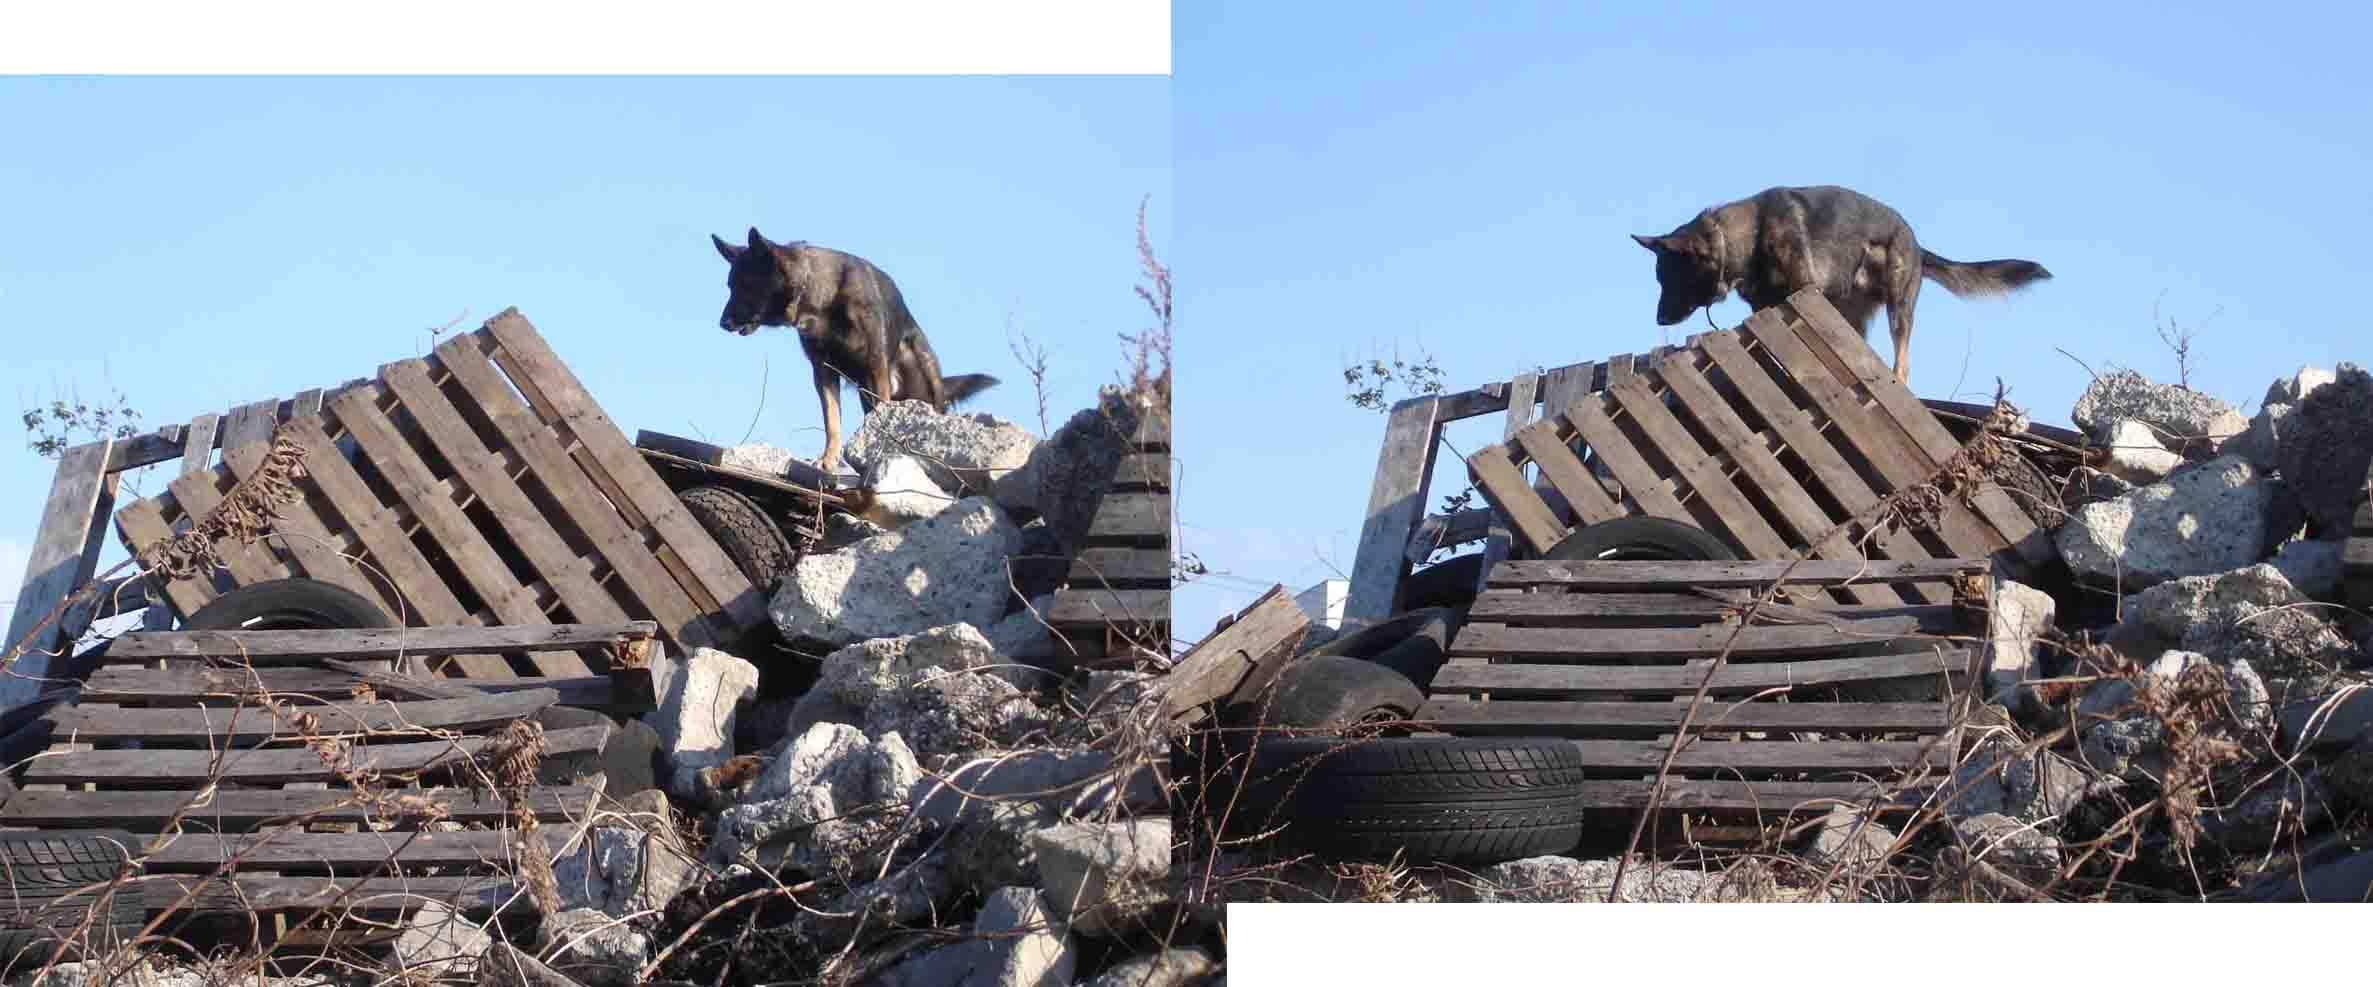 Sエースの瓦礫捜索訓練